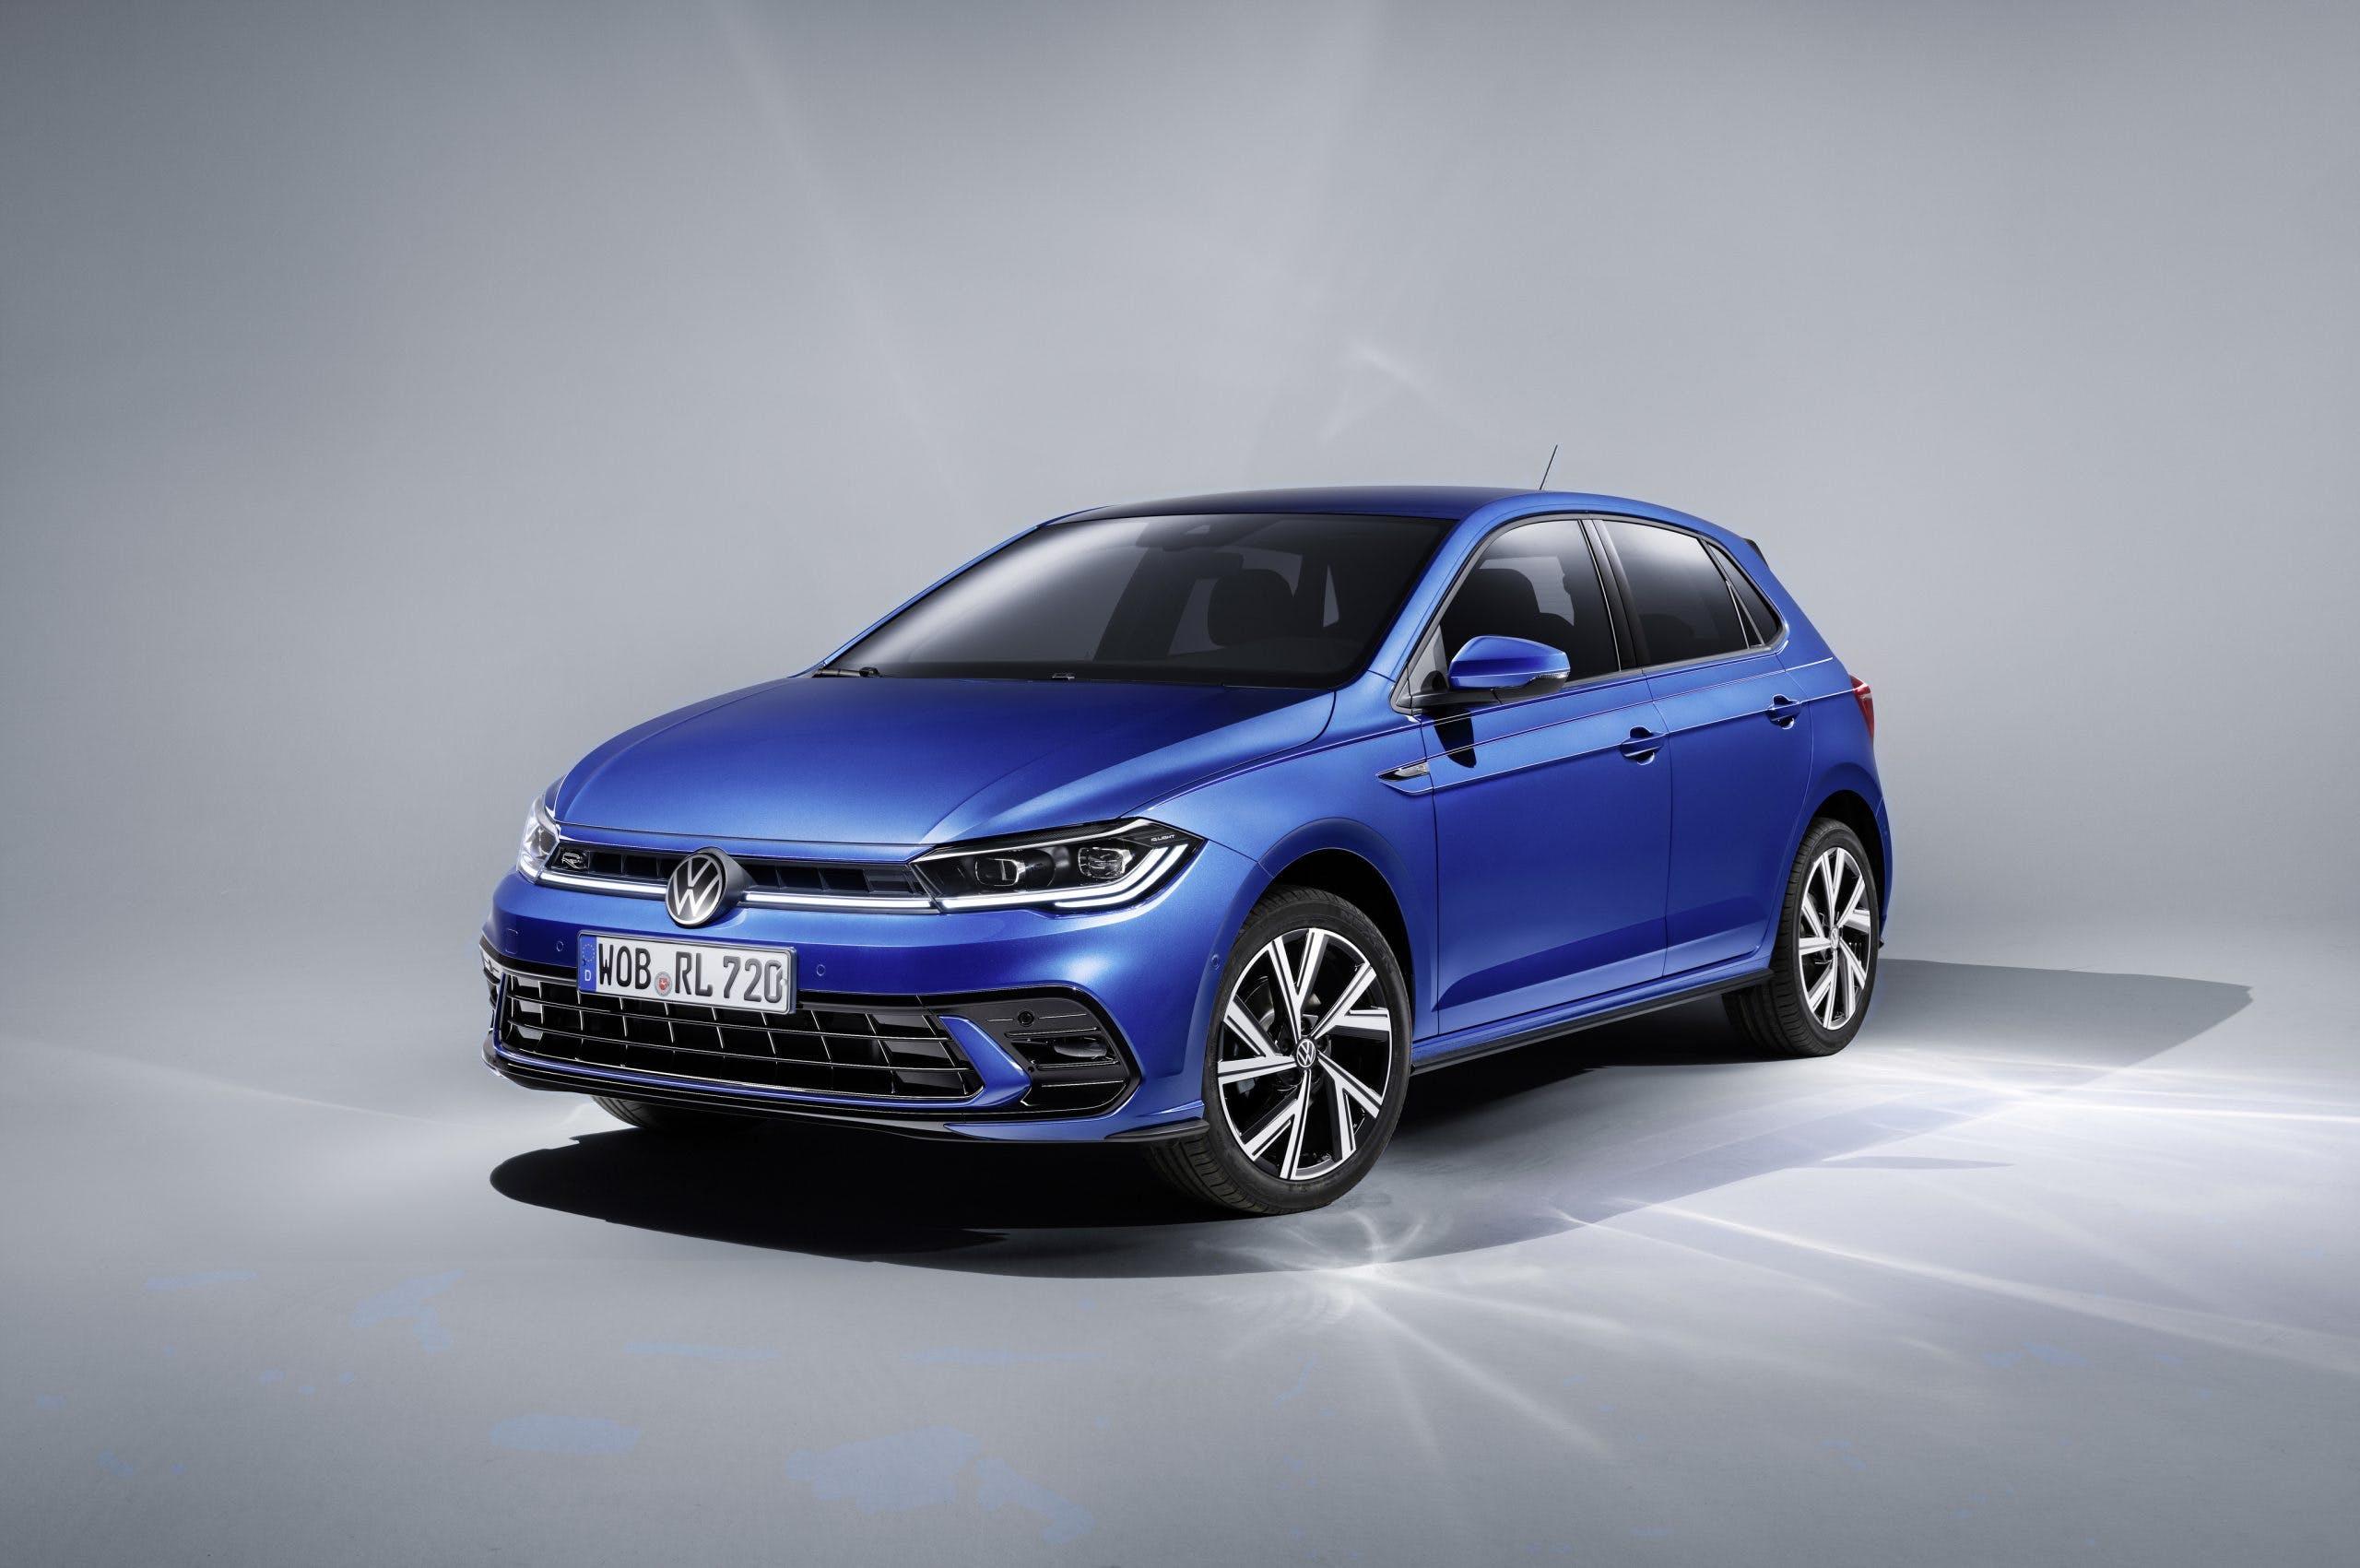 Nuova Volkswagen Polo - statica tre quarti anteriore